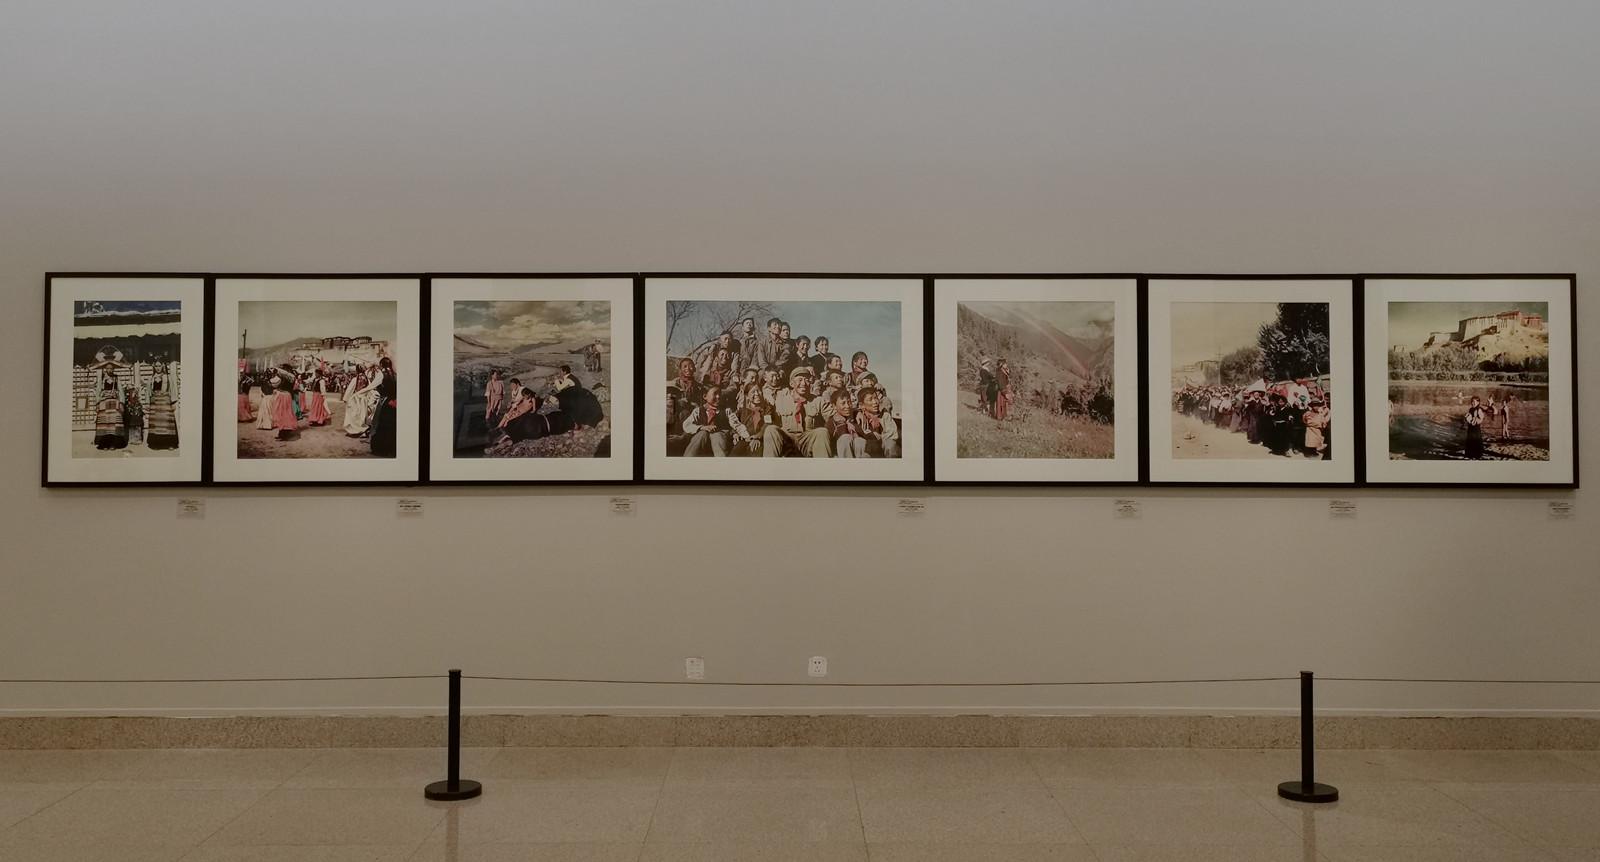 实拍 二十世纪中国摄影孤本原作  穿越时光见证光影里的故事